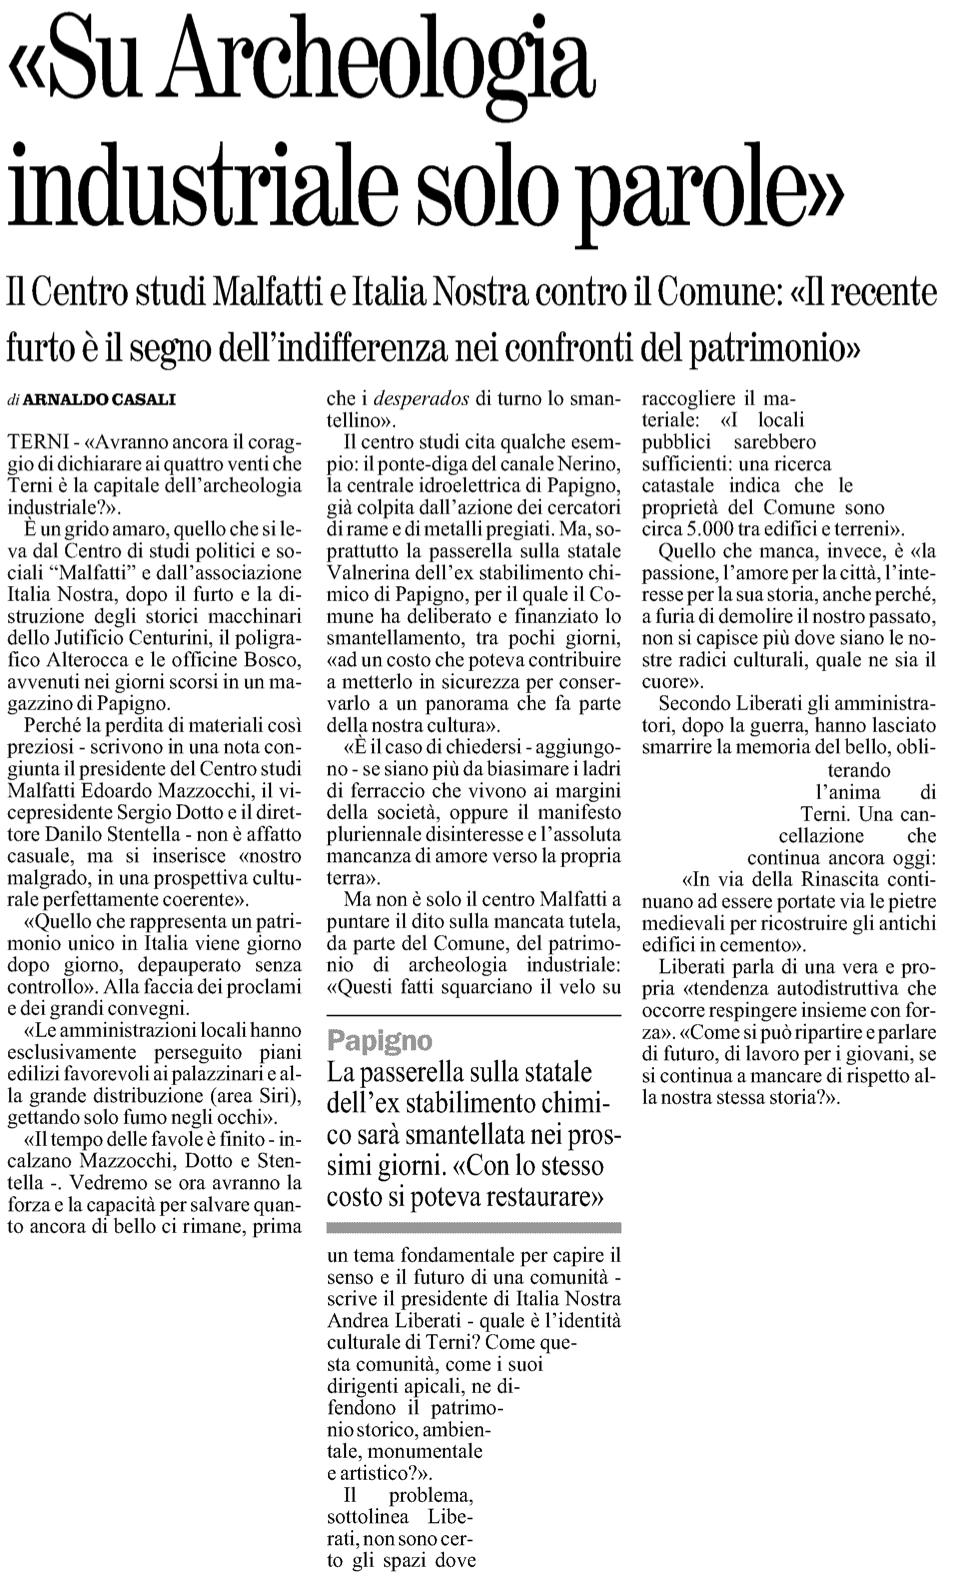 Il Giornale dell'Umbria 07-07-2012 p25